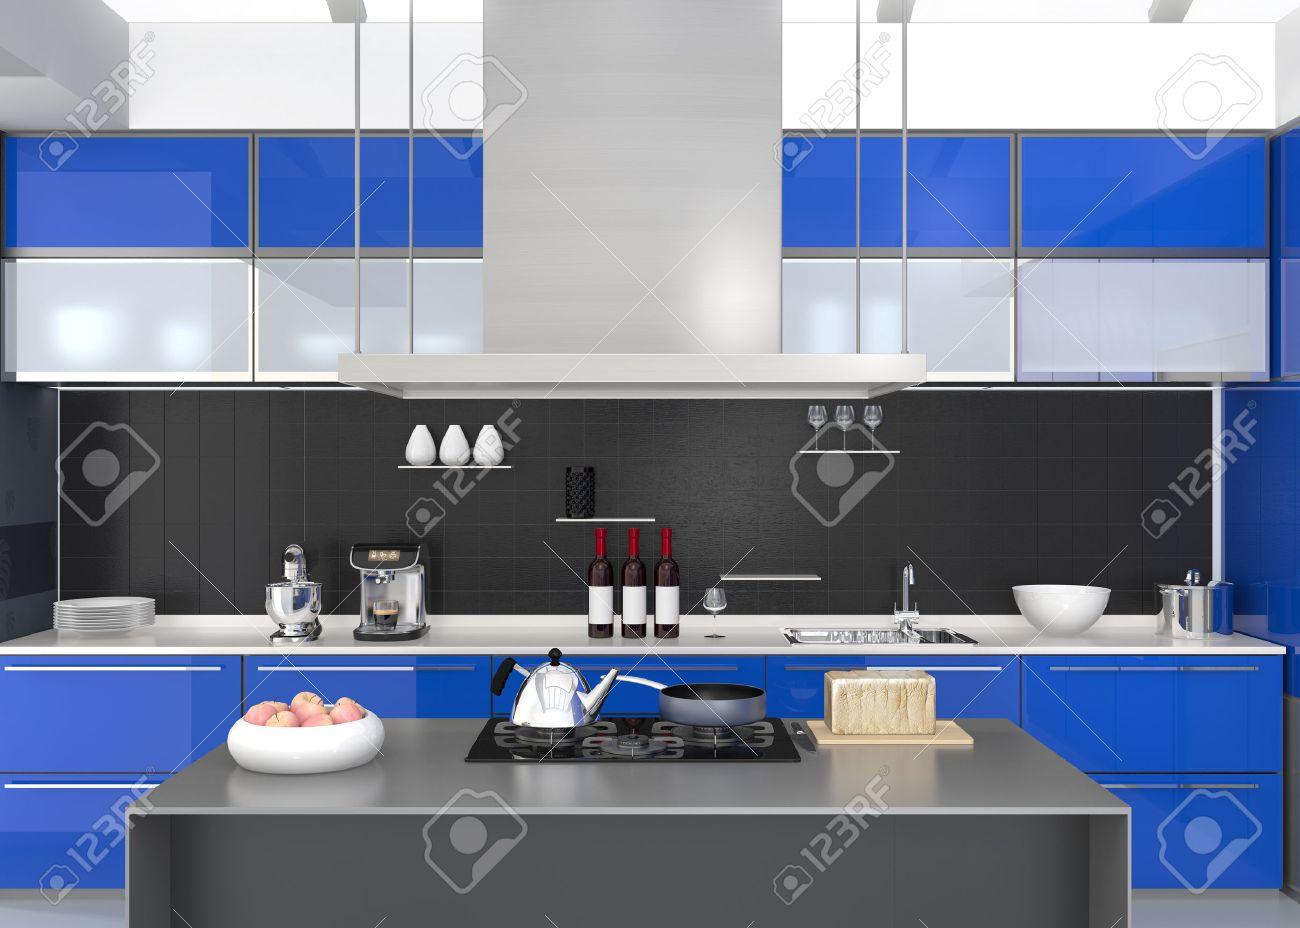 Moderne keuken interieur met slimme apparaten in blauwe kleur